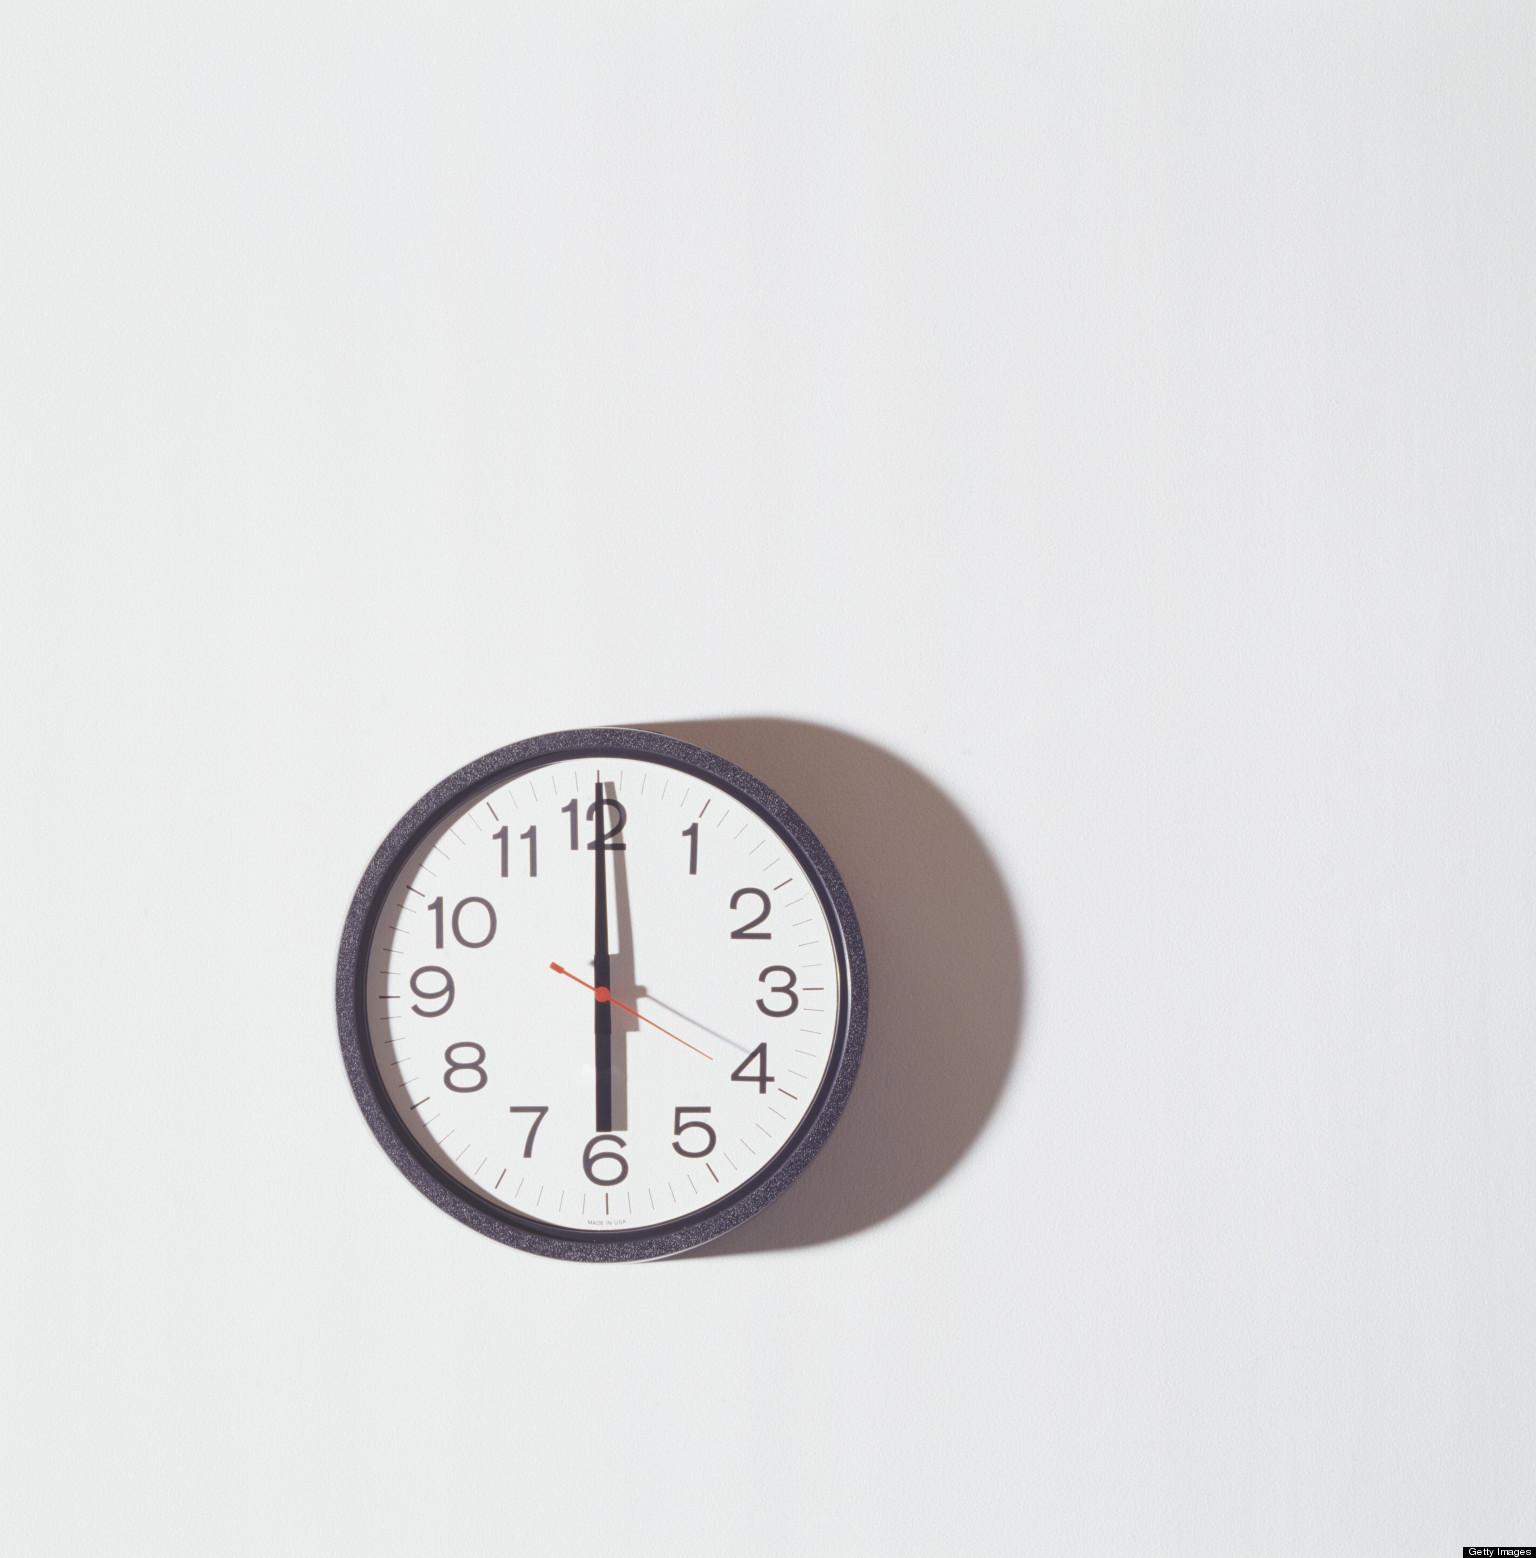 как можно похудеть зарядкой